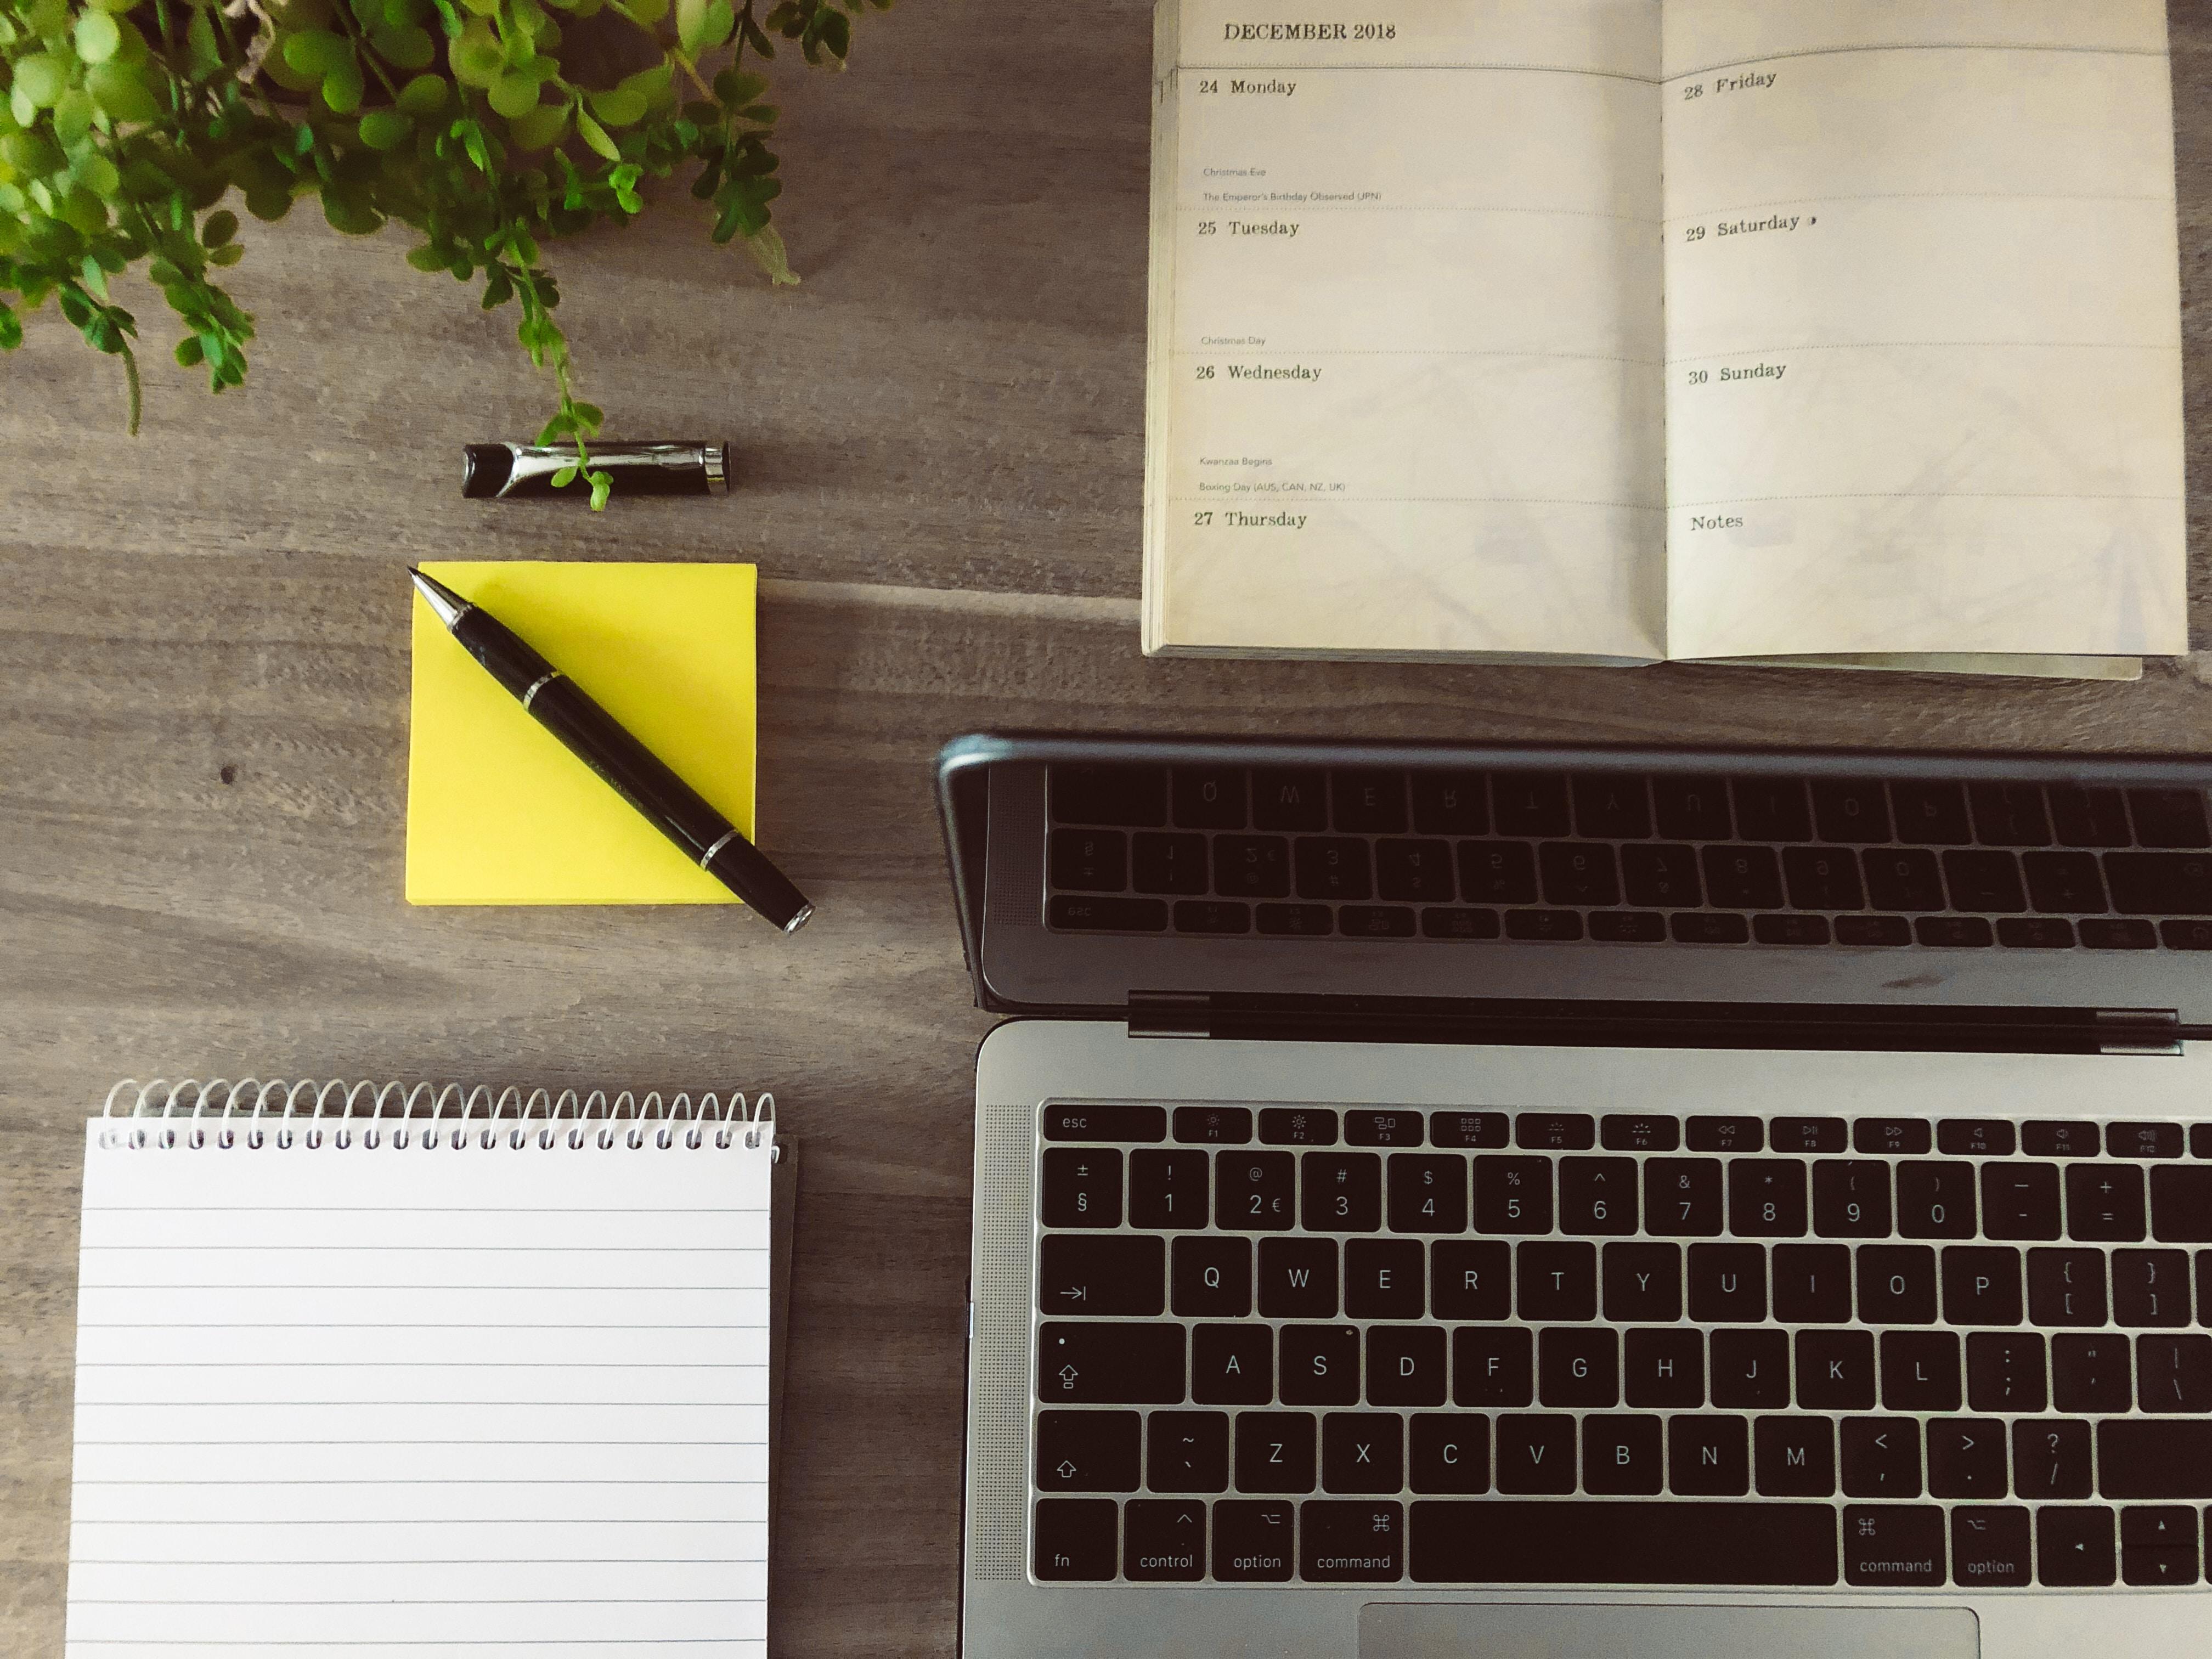 Un portatile e delle agende su un tavolo